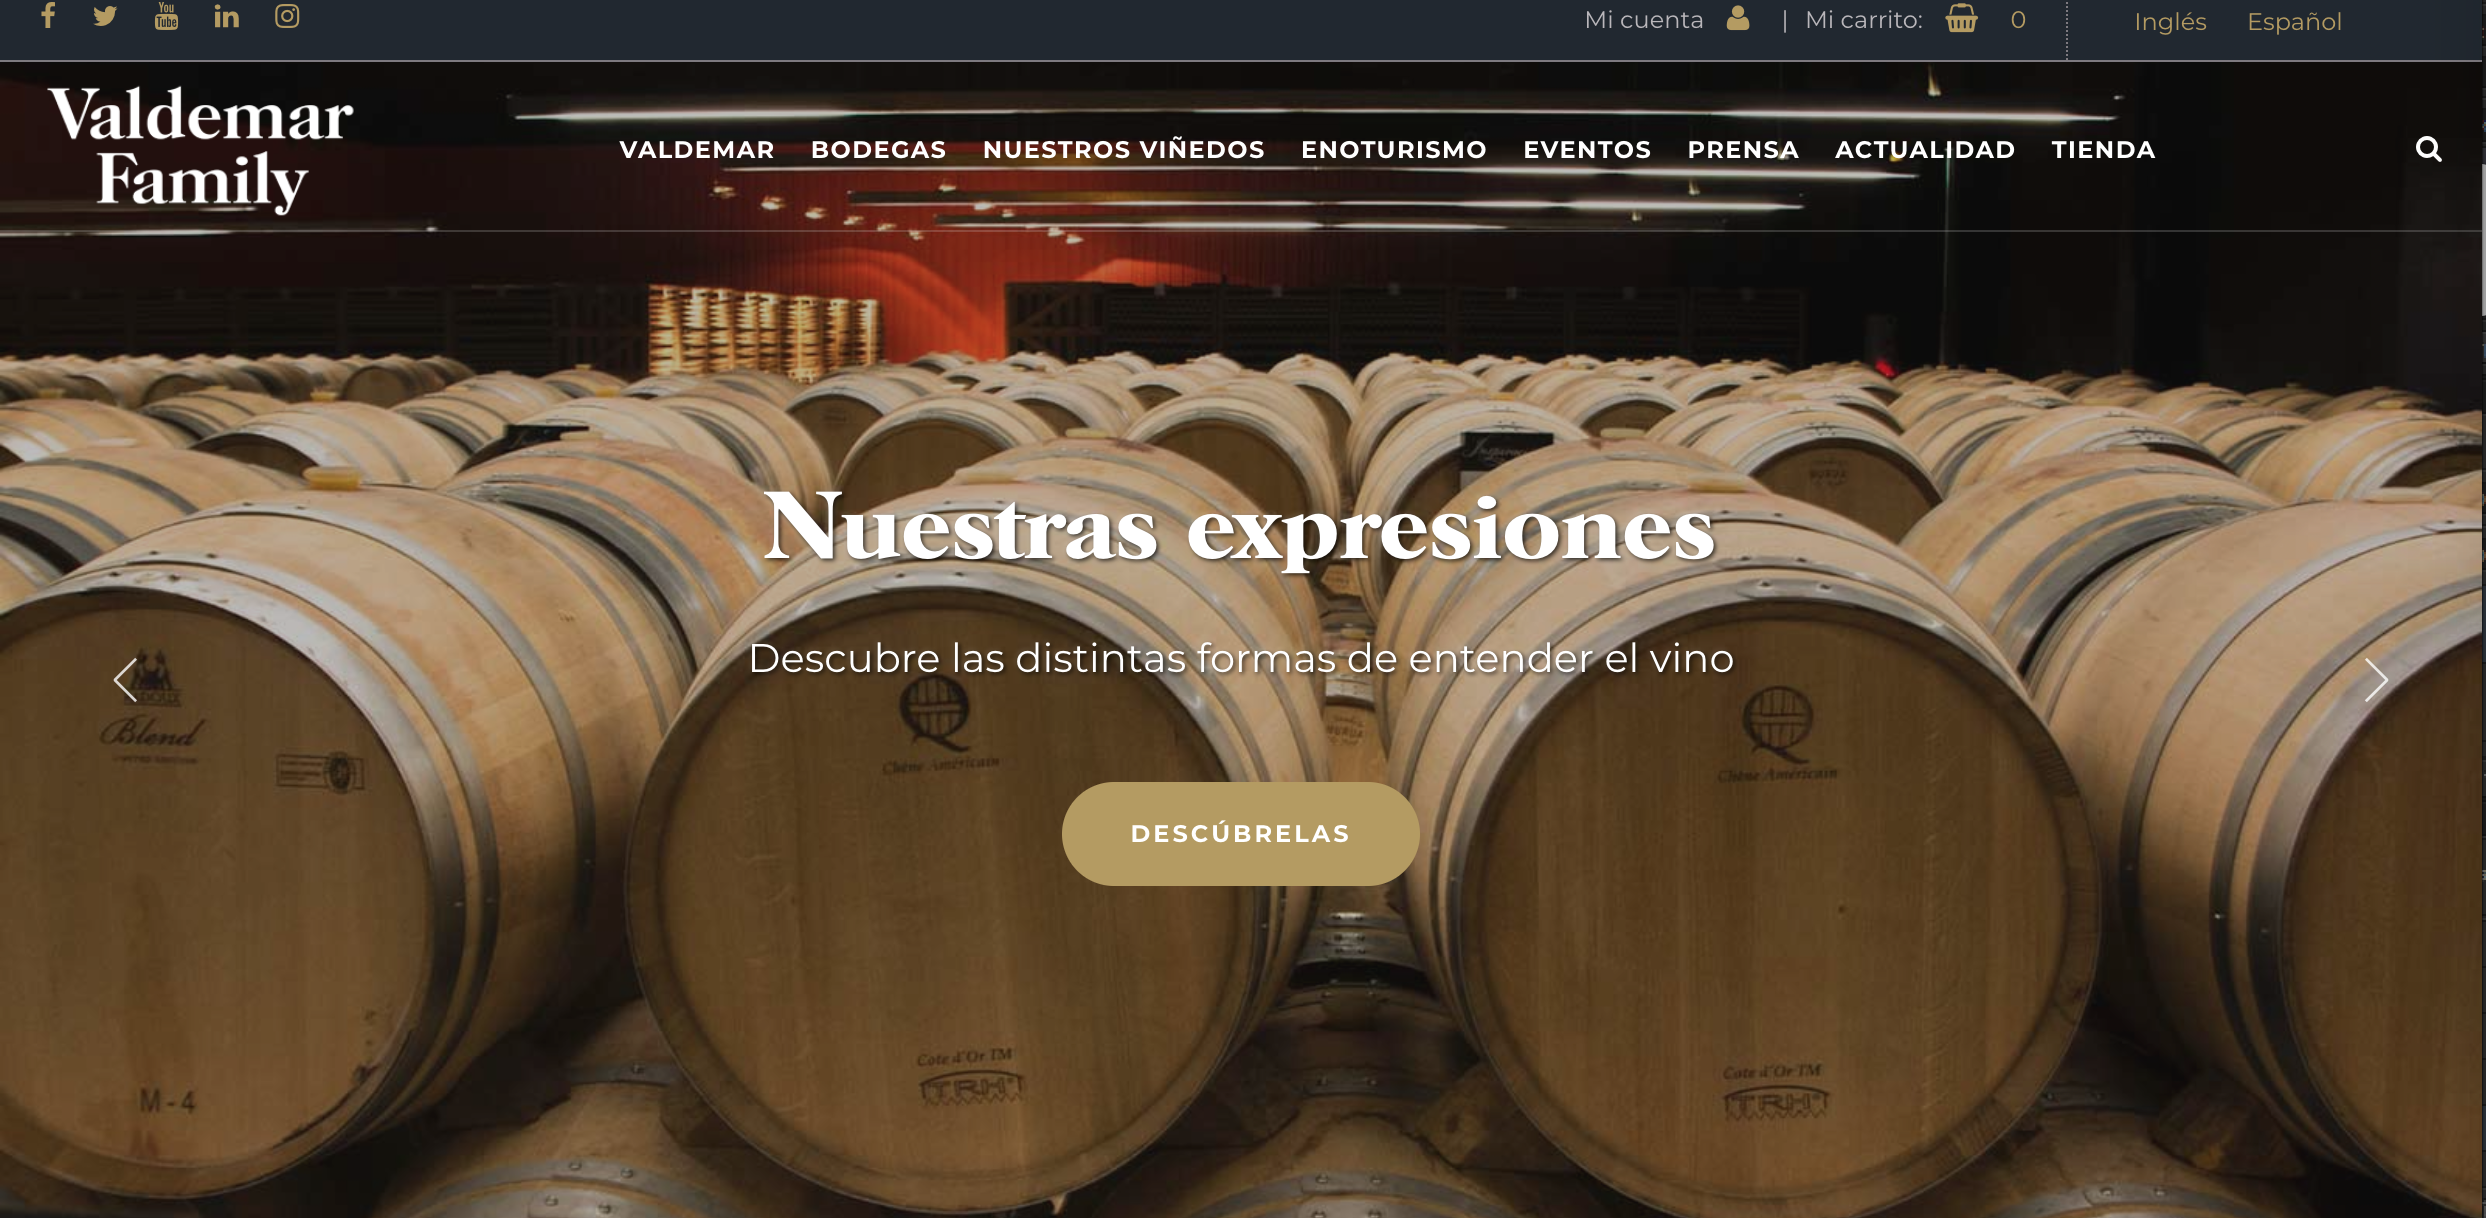 Las distintas formas de entender el vino de Bodegas Valdemar